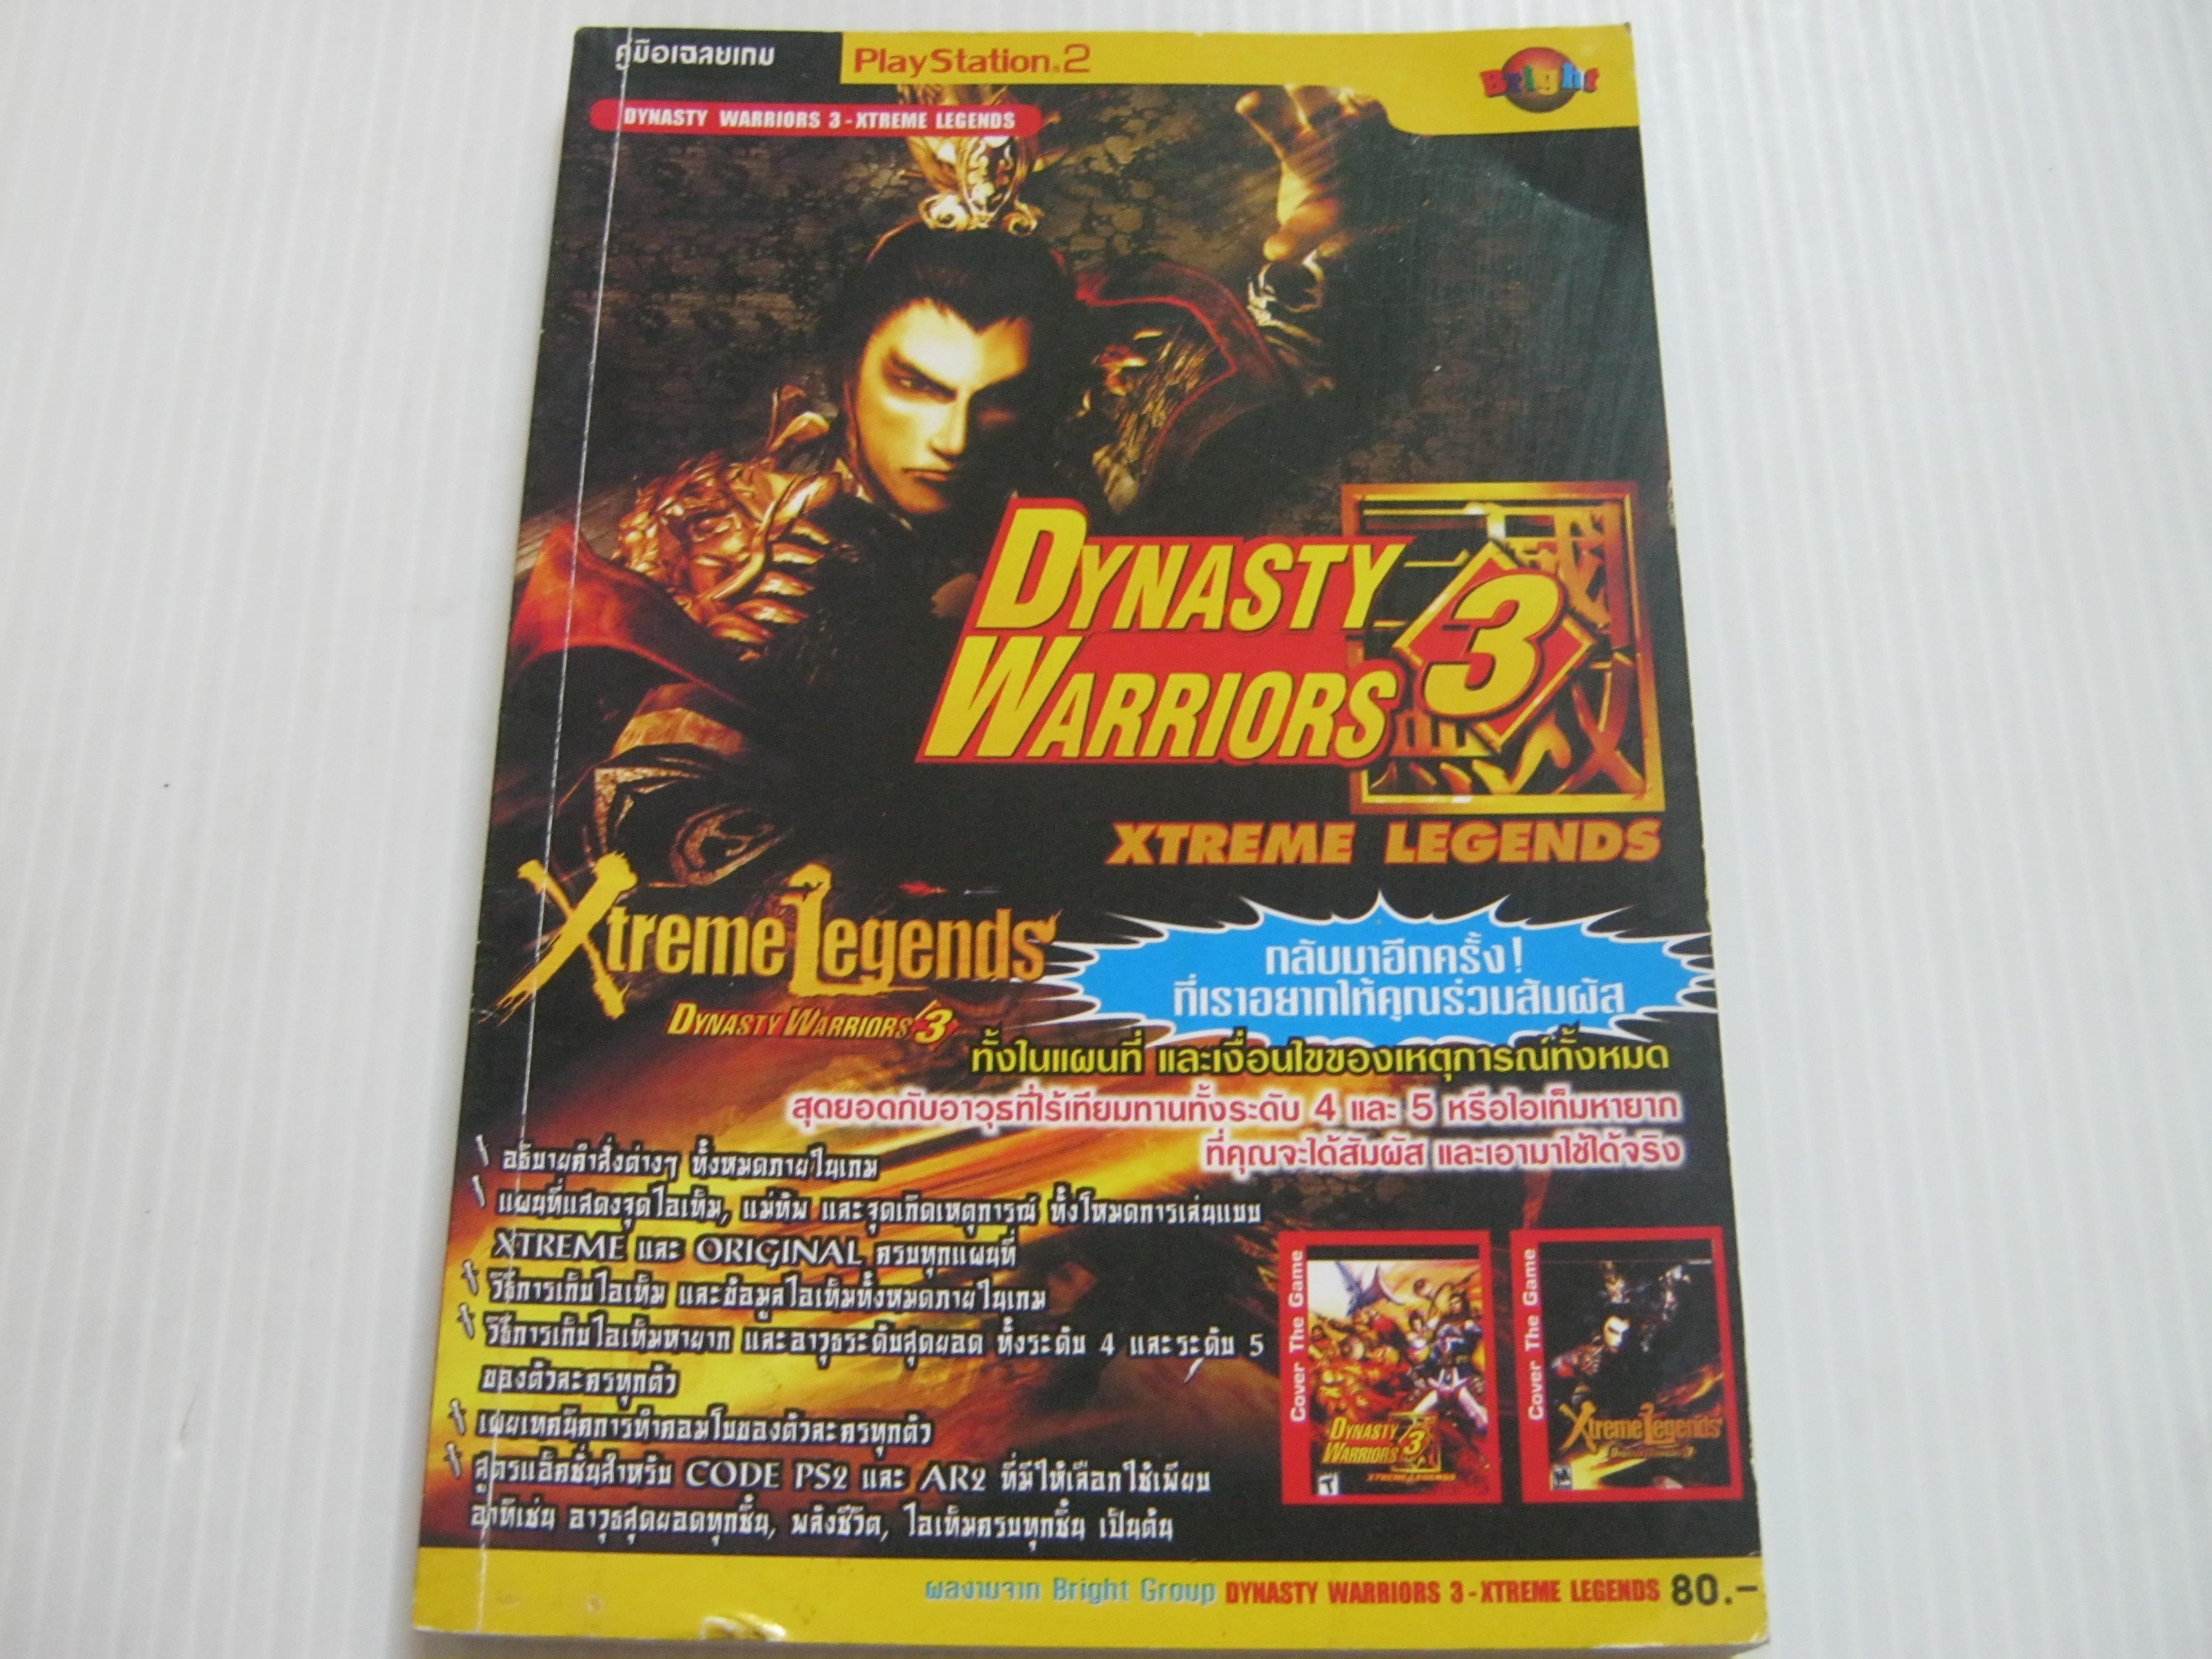 คู่มือเฉลยเกม Piay Station 2 DYNASTY WARRIORS 3